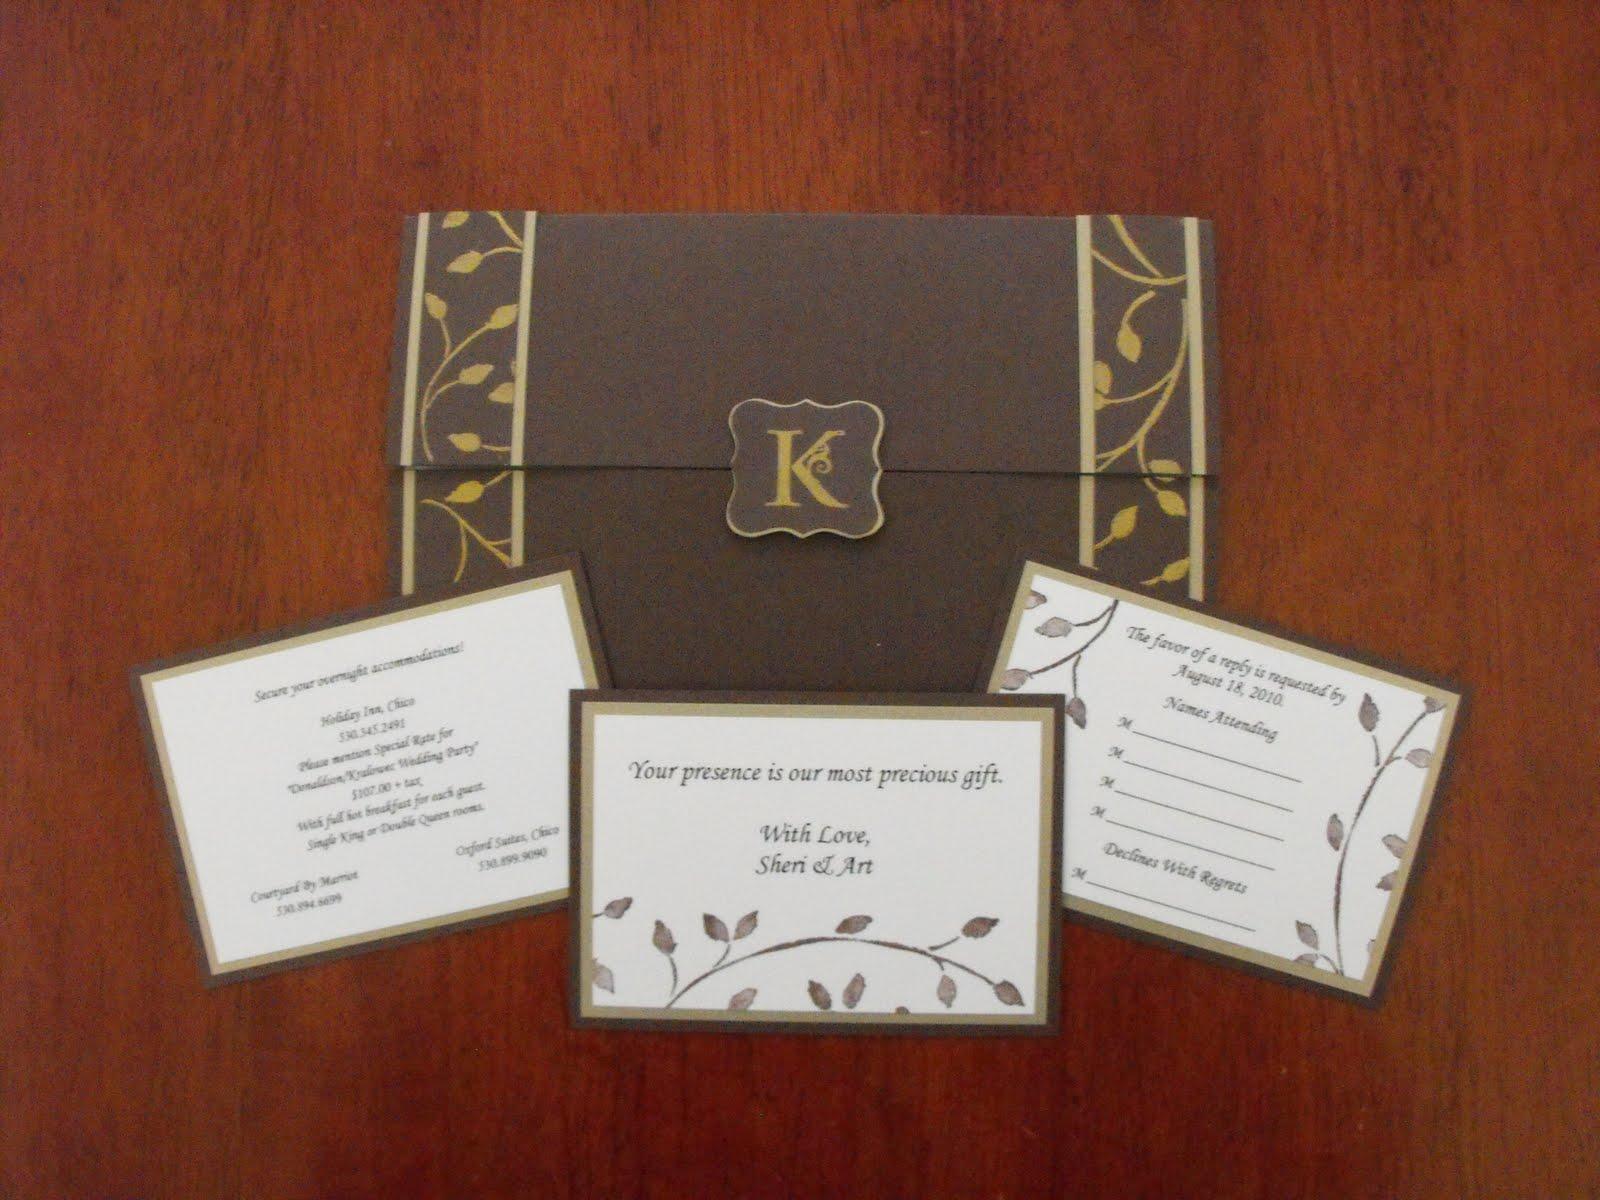 http://4.bp.blogspot.com/_6xzfjVUMqiA/TJKIg-8YmCI/AAAAAAAAACk/MiYNT_pau0k/s1600/09-18-10+Invitation+#4.JPG